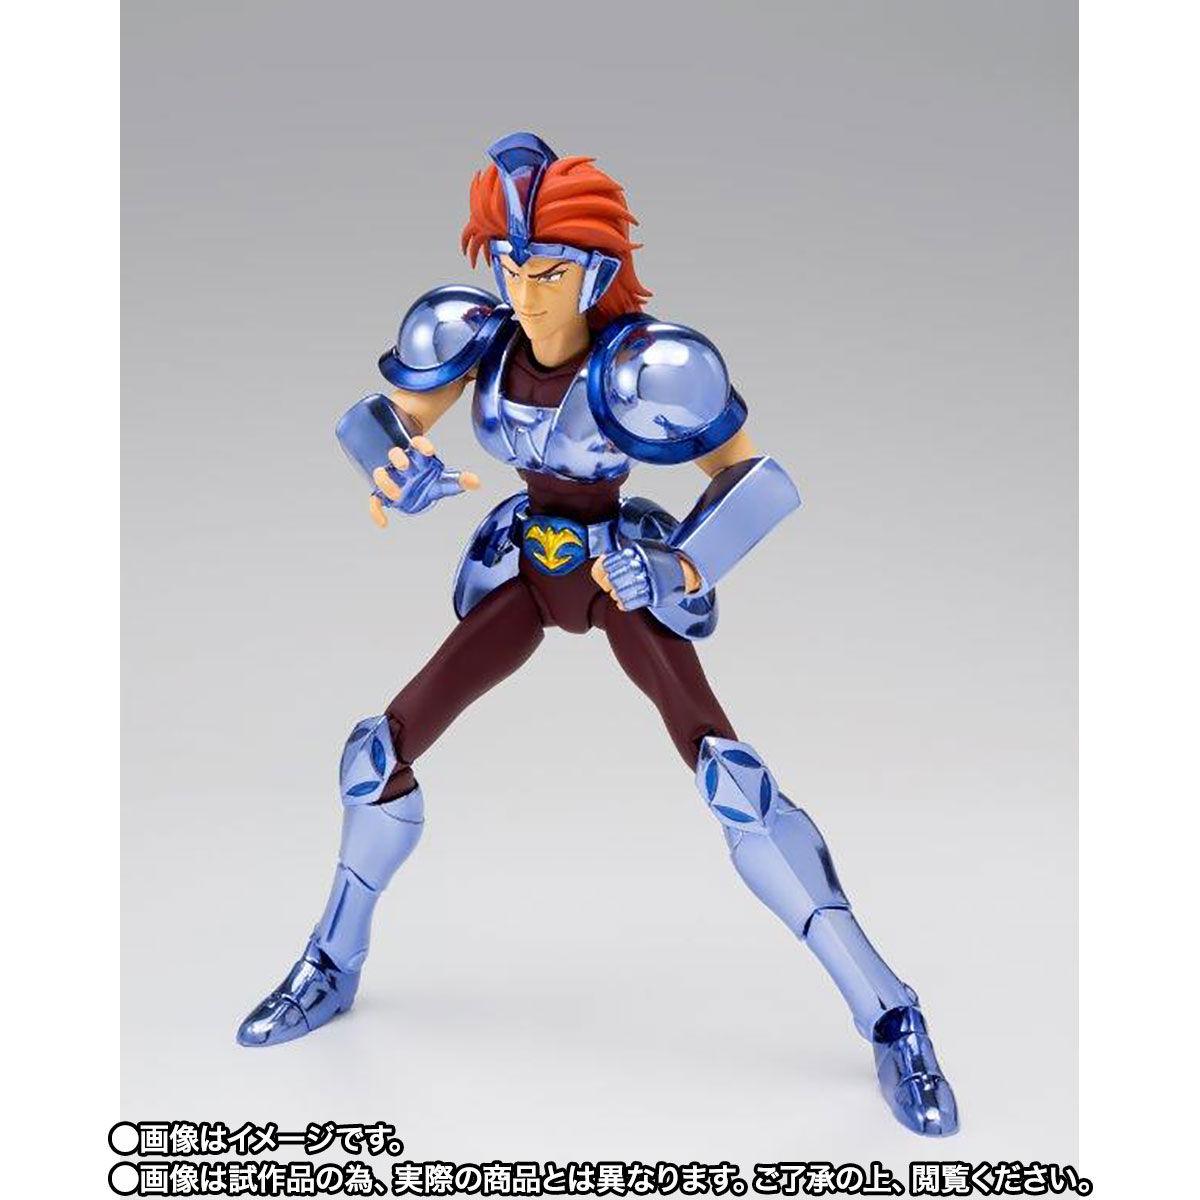 【限定販売】聖闘士聖衣神話EX『アウリガカペラ』聖闘士星矢 可動フィギュア-005